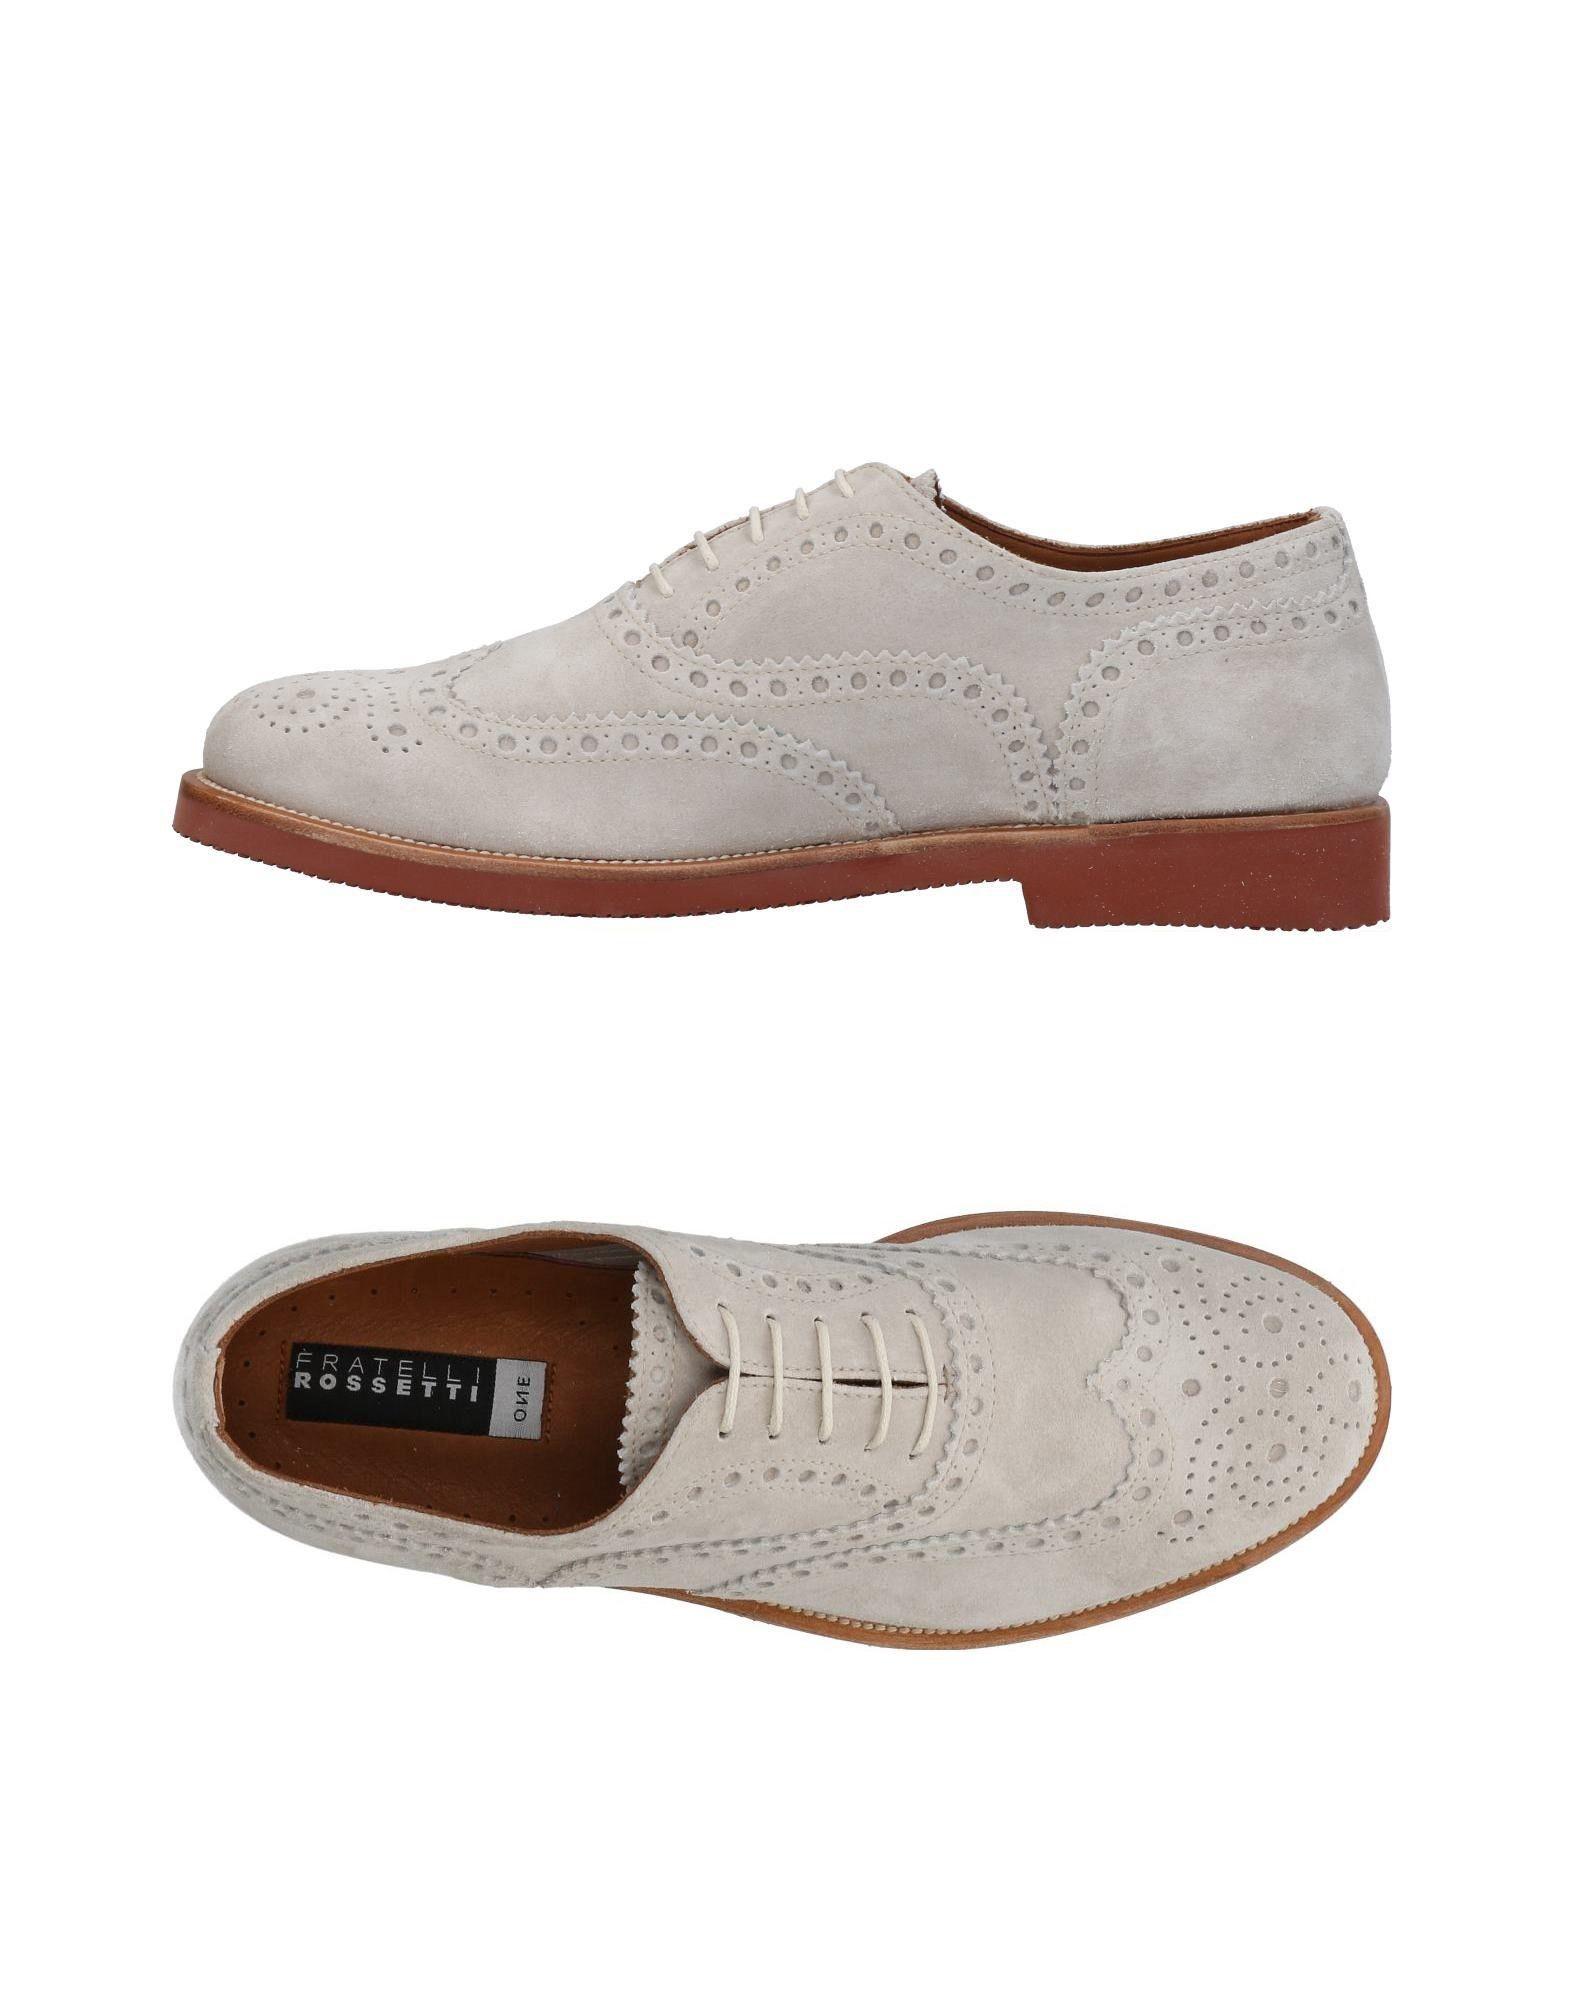 Fratelli Rossetti Schnürschuhe Herren  11440541VB Gute Qualität beliebte Schuhe